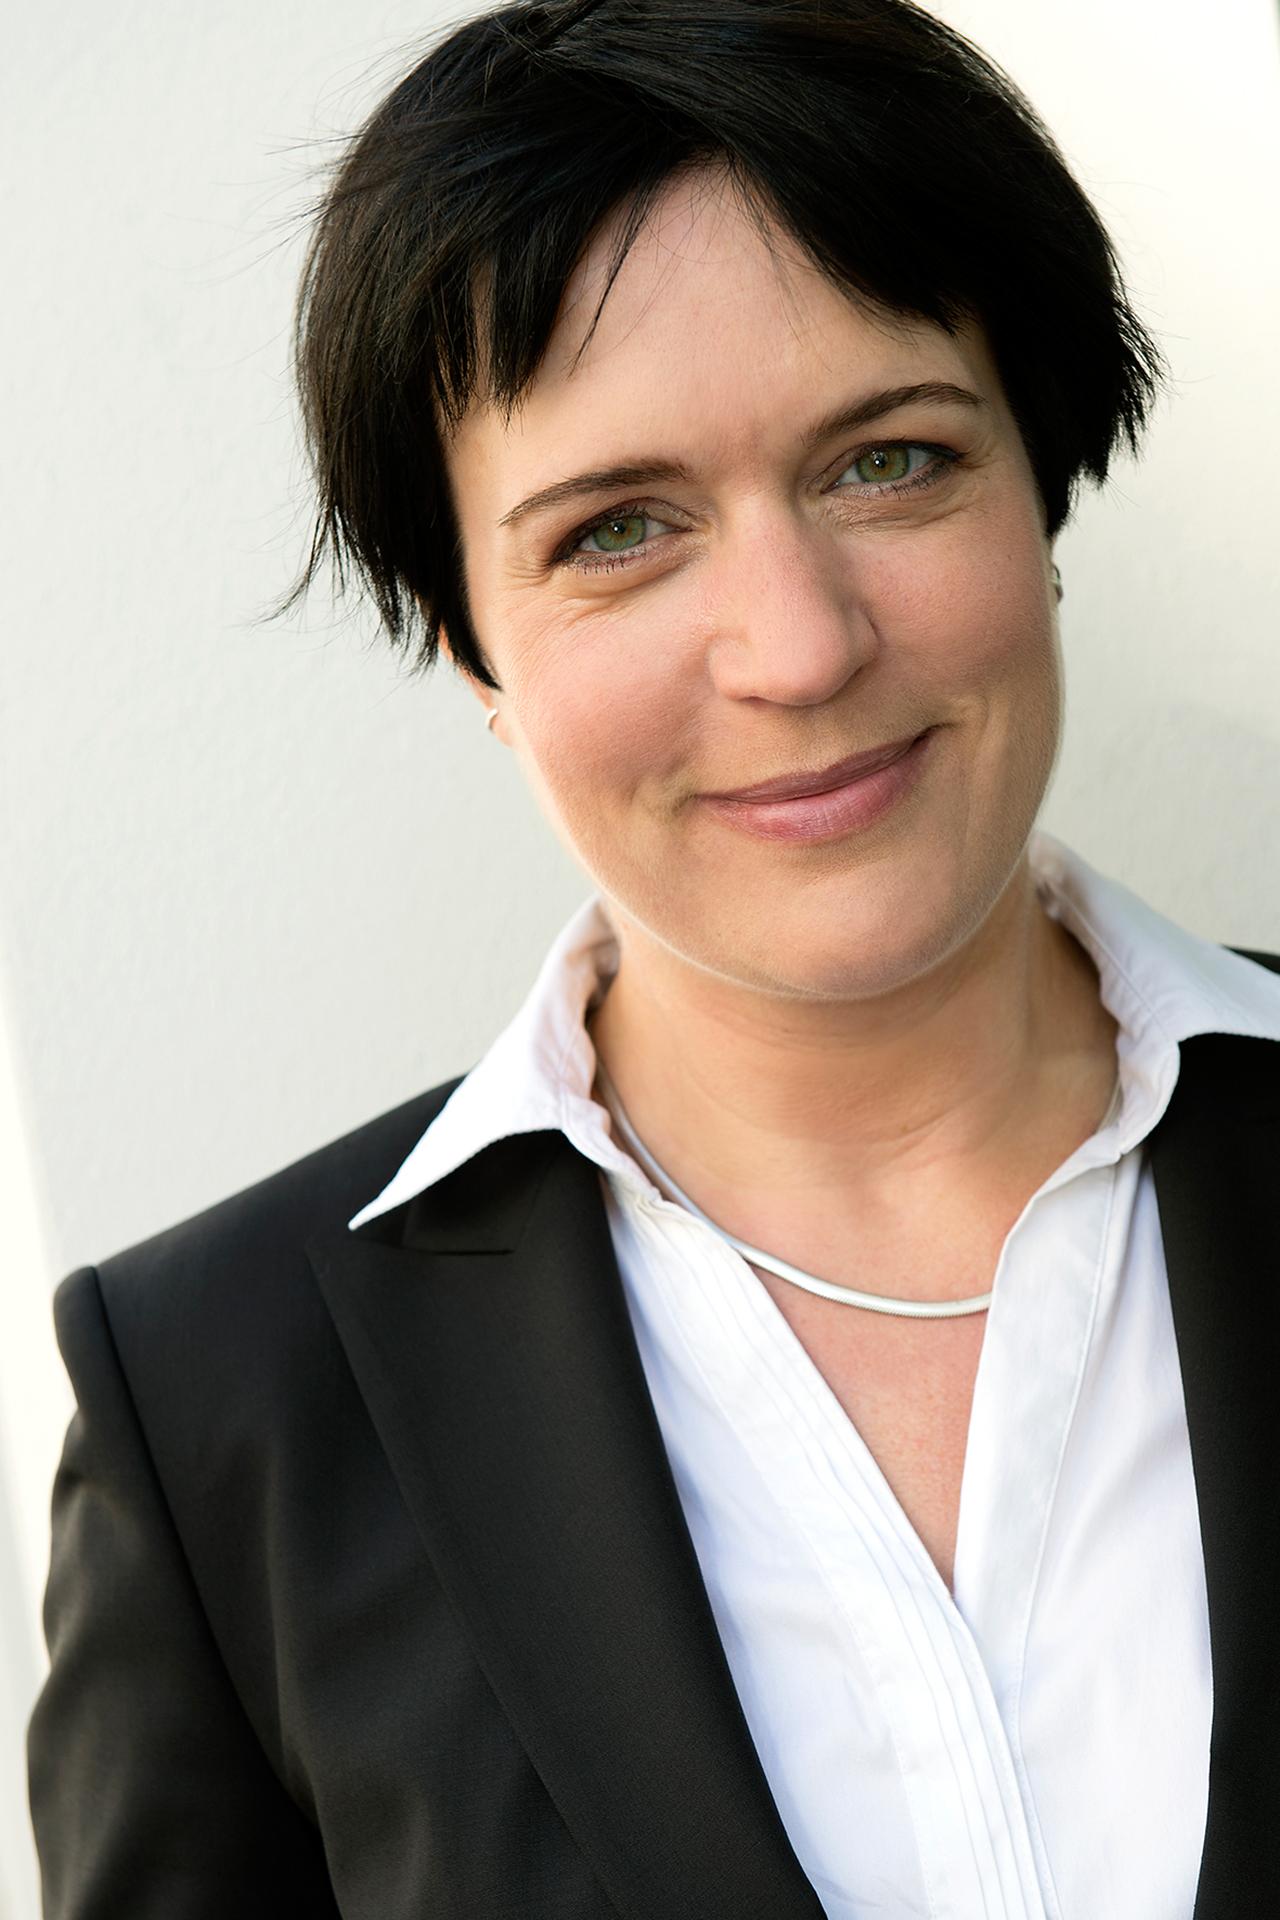 Business Foto, Anna M. Tränkner Fotografie Hamburg 4